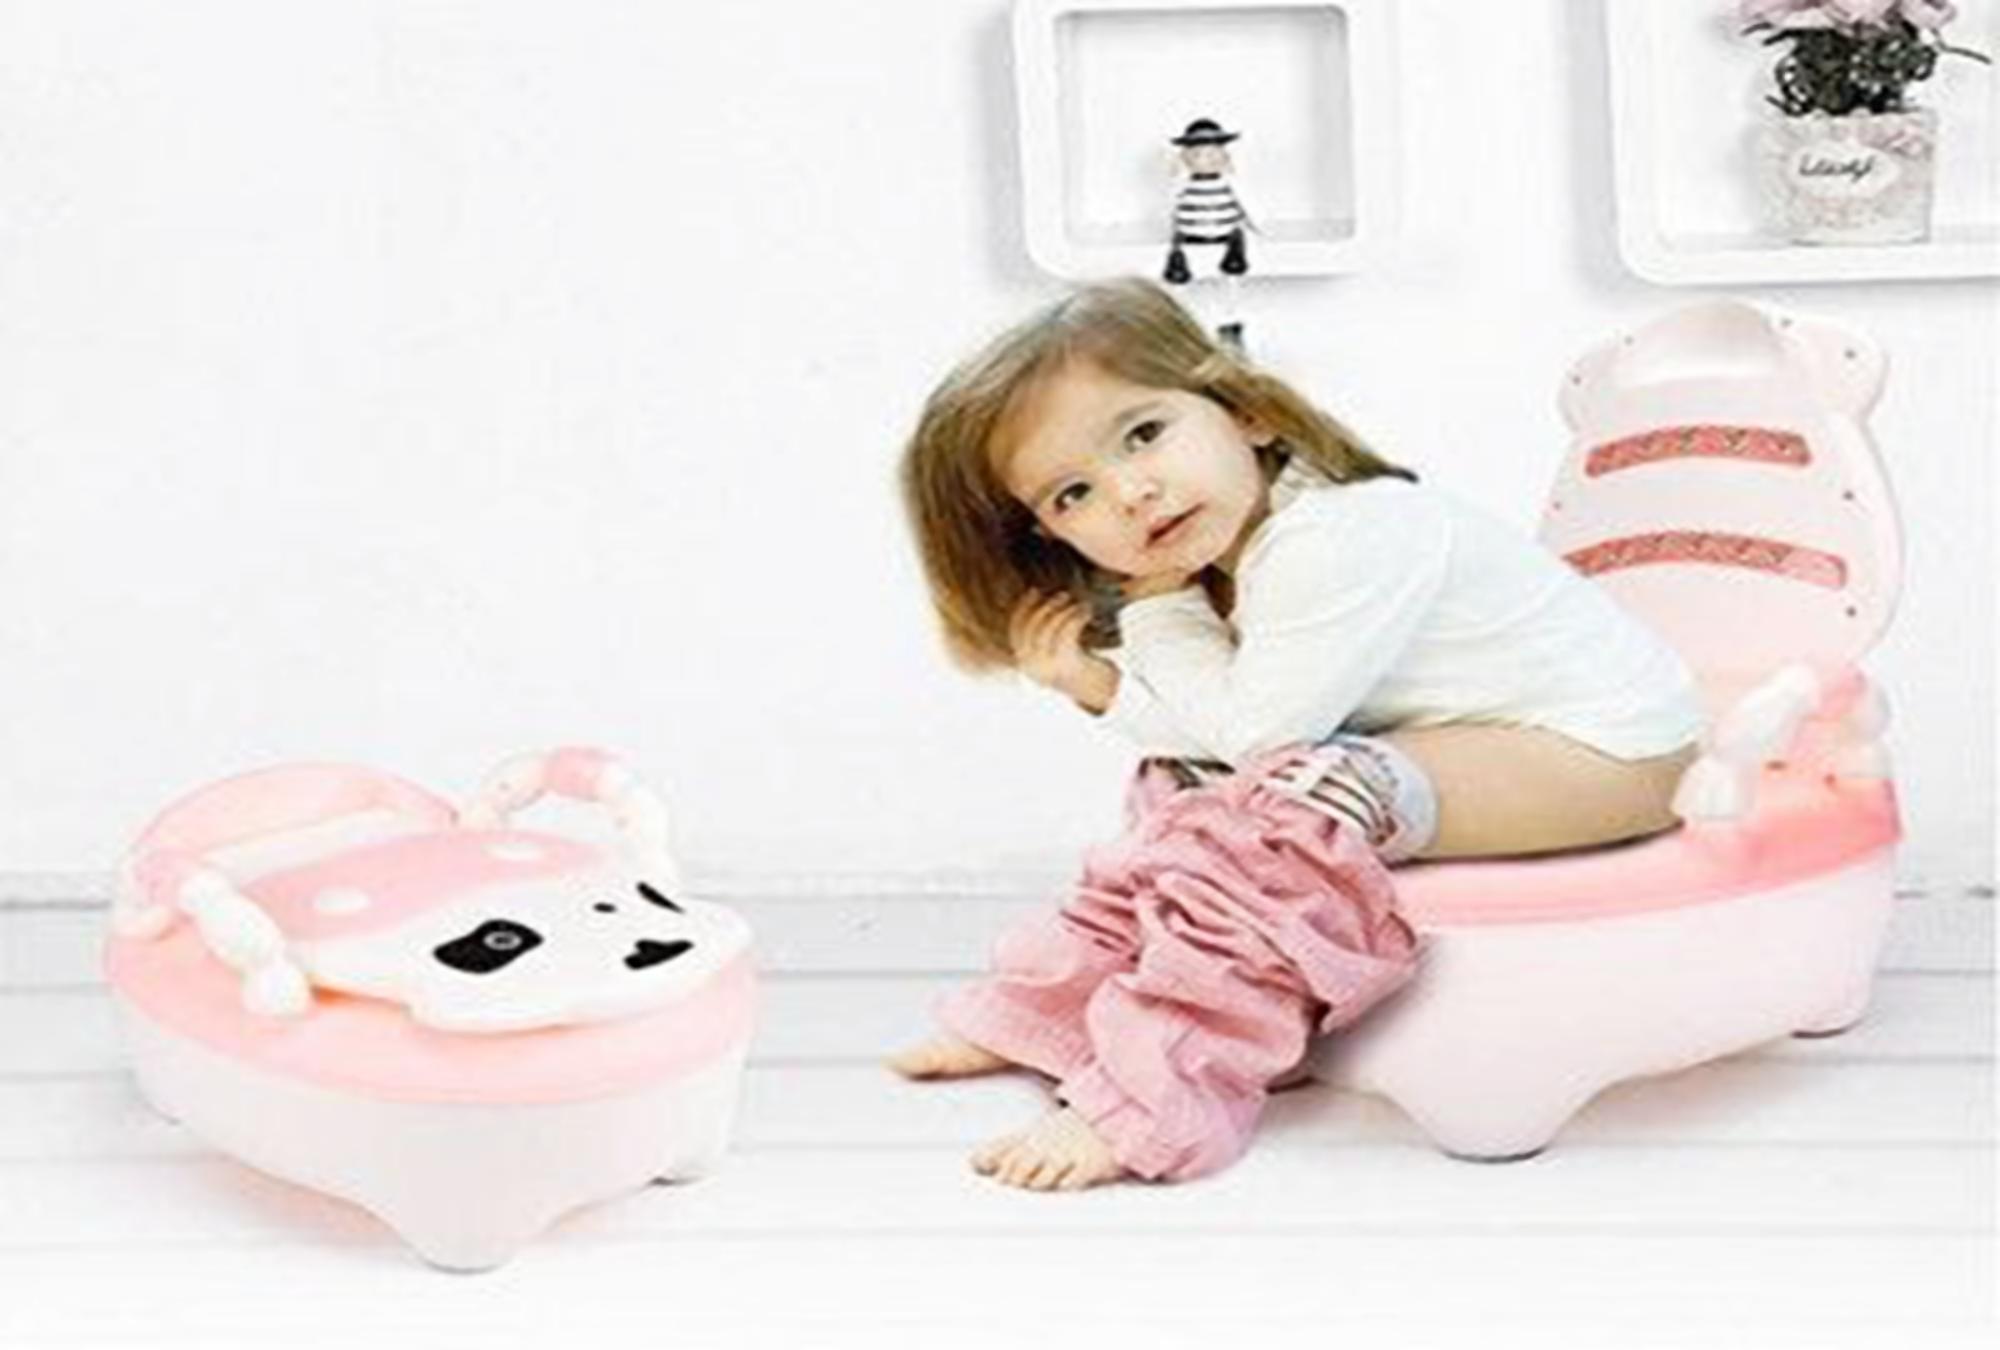 宝宝如厕太早太晚都无益,家长要正确判断时机,巧妙训练宝宝如厕